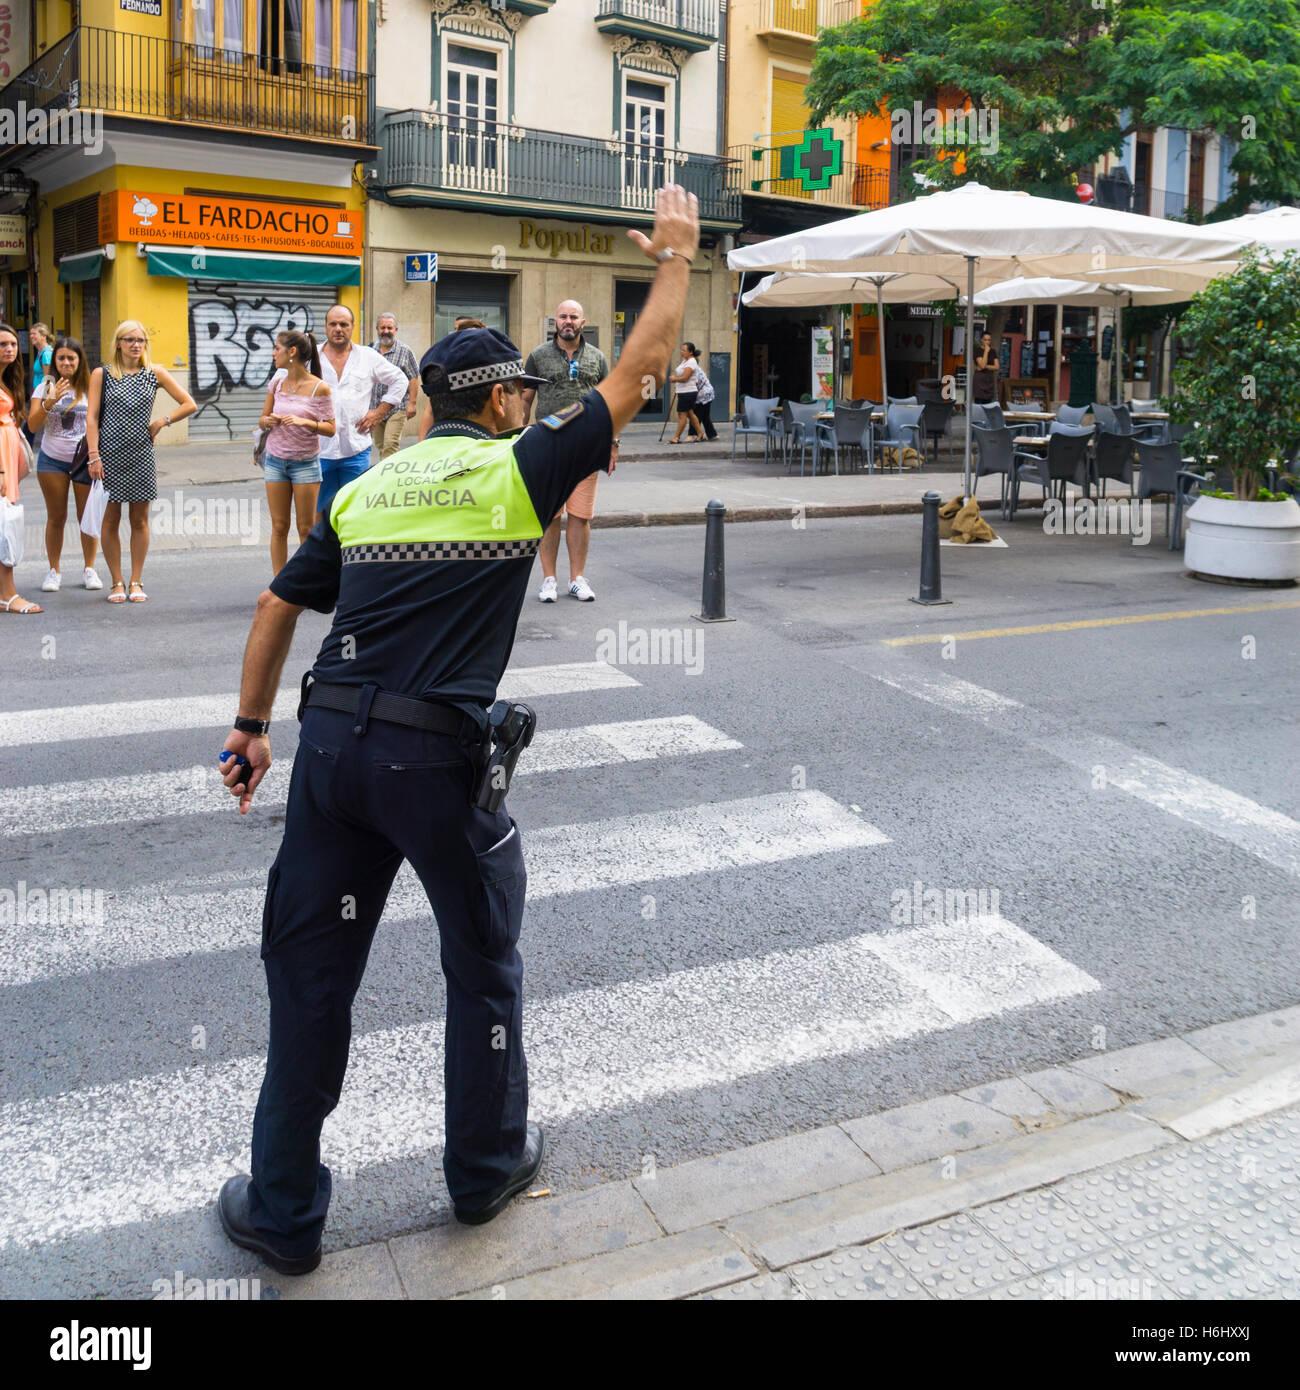 Ein spanischer Polizist regelt den Verkehr auf einen Fußgängerüberweg in Valencia, Spanien Stockbild